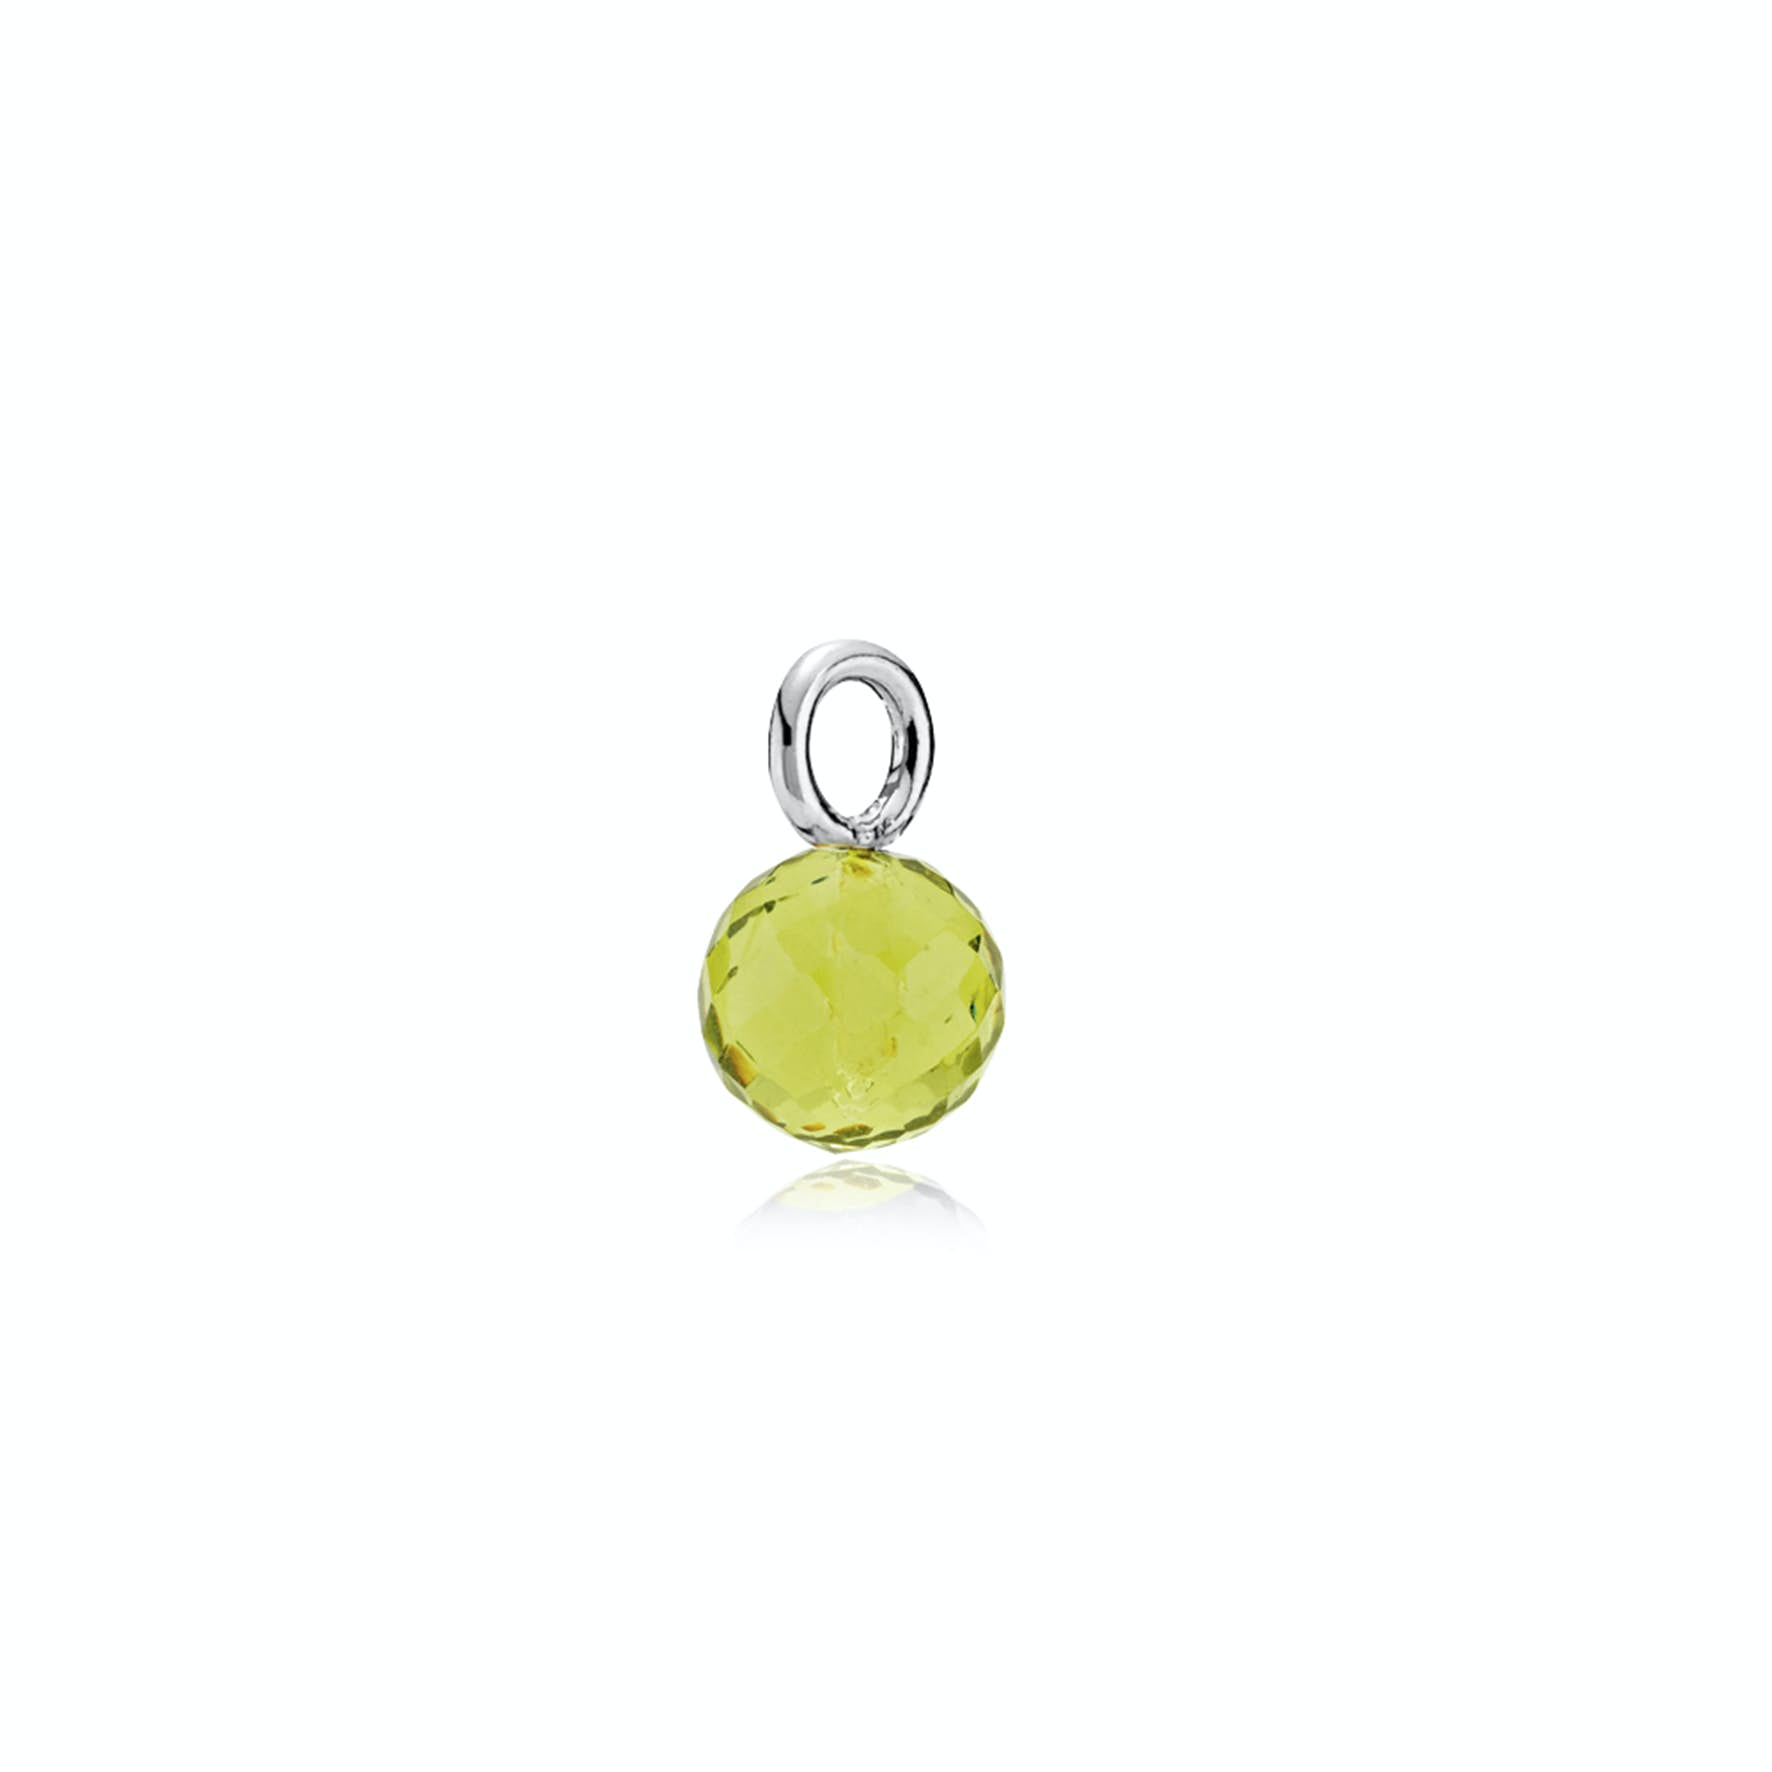 Marble Pendant Peridot Green fra Izabel Camille i Sølv Sterling 925